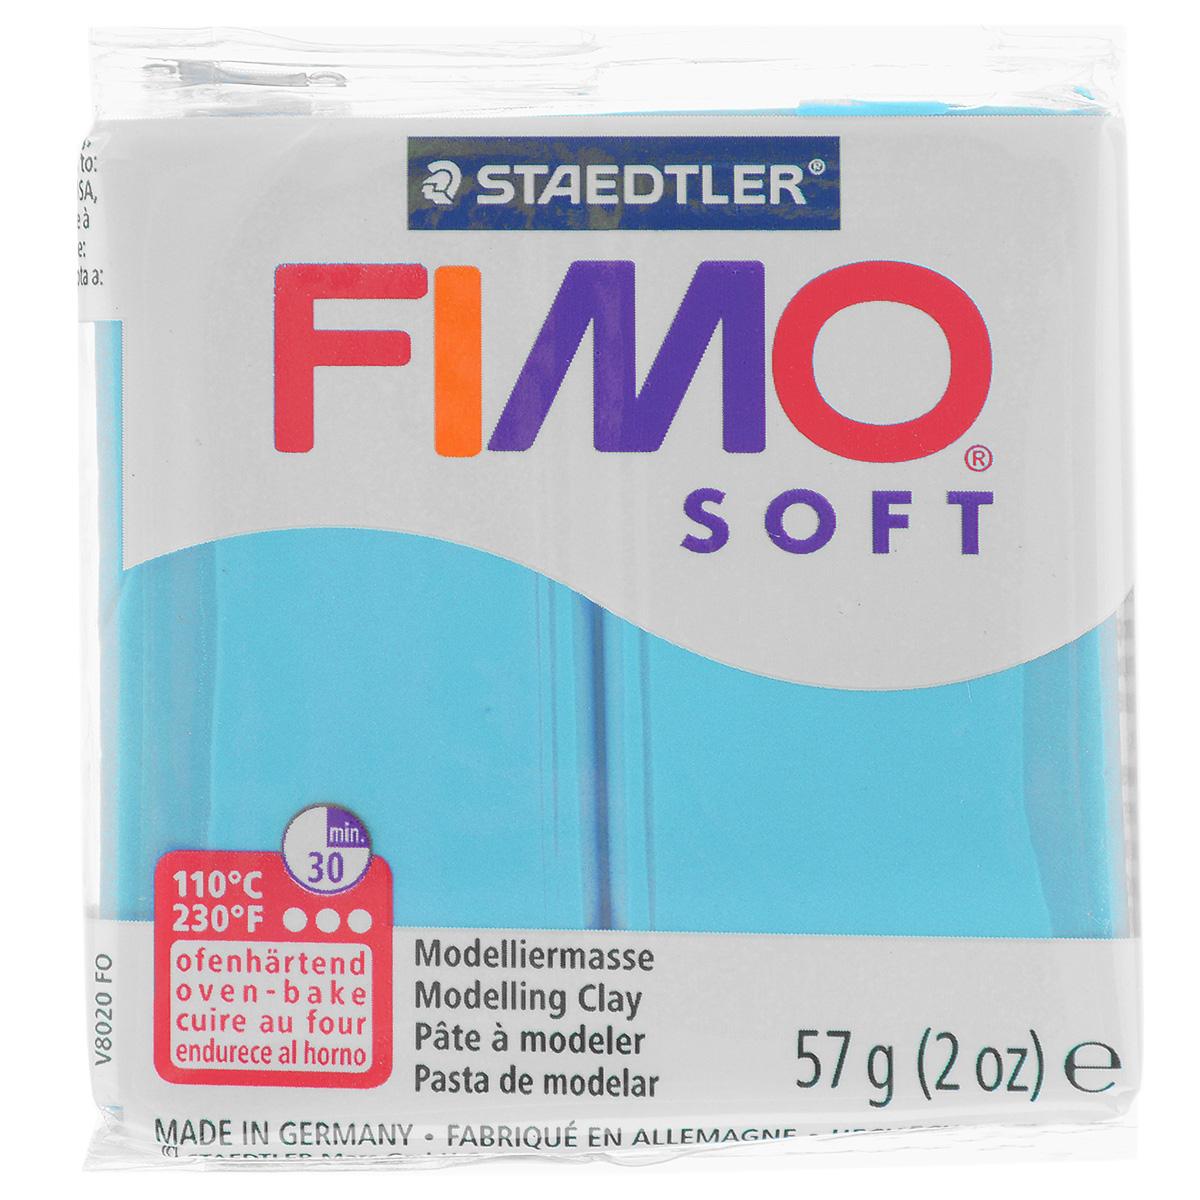 Полимерная глина Fimo Soft, цвет: мята (39), 56 г8020-39Мягкая глина на полимерной основе (пластика) Fimo Soft идеально подходит для лепки небольших изделий (украшений, скульптурок, кукол) и для моделирования. Глина обладает отличными пластичными свойствами, хорошо размягчается и лепится, легко смешивается между собой, благодаря чему можно создать огромное количество поделок любых цветов и оттенков. Блок поделен на восемь сегментов, что позволяет легче разделять глину на порции. В домашних условиях готовая поделка выпекается в духовом шкафу при температуре 110°С в течении 15-30 минут (в зависимости от величины изделия). Отвердевшие изделия могут быть раскрашены акриловыми красками, покрыты лаком, склеены друг с другом или с другими материалами. Состав: поливинилхлорид, пластификаторы, неорганические наполнители, цветные пигменты.